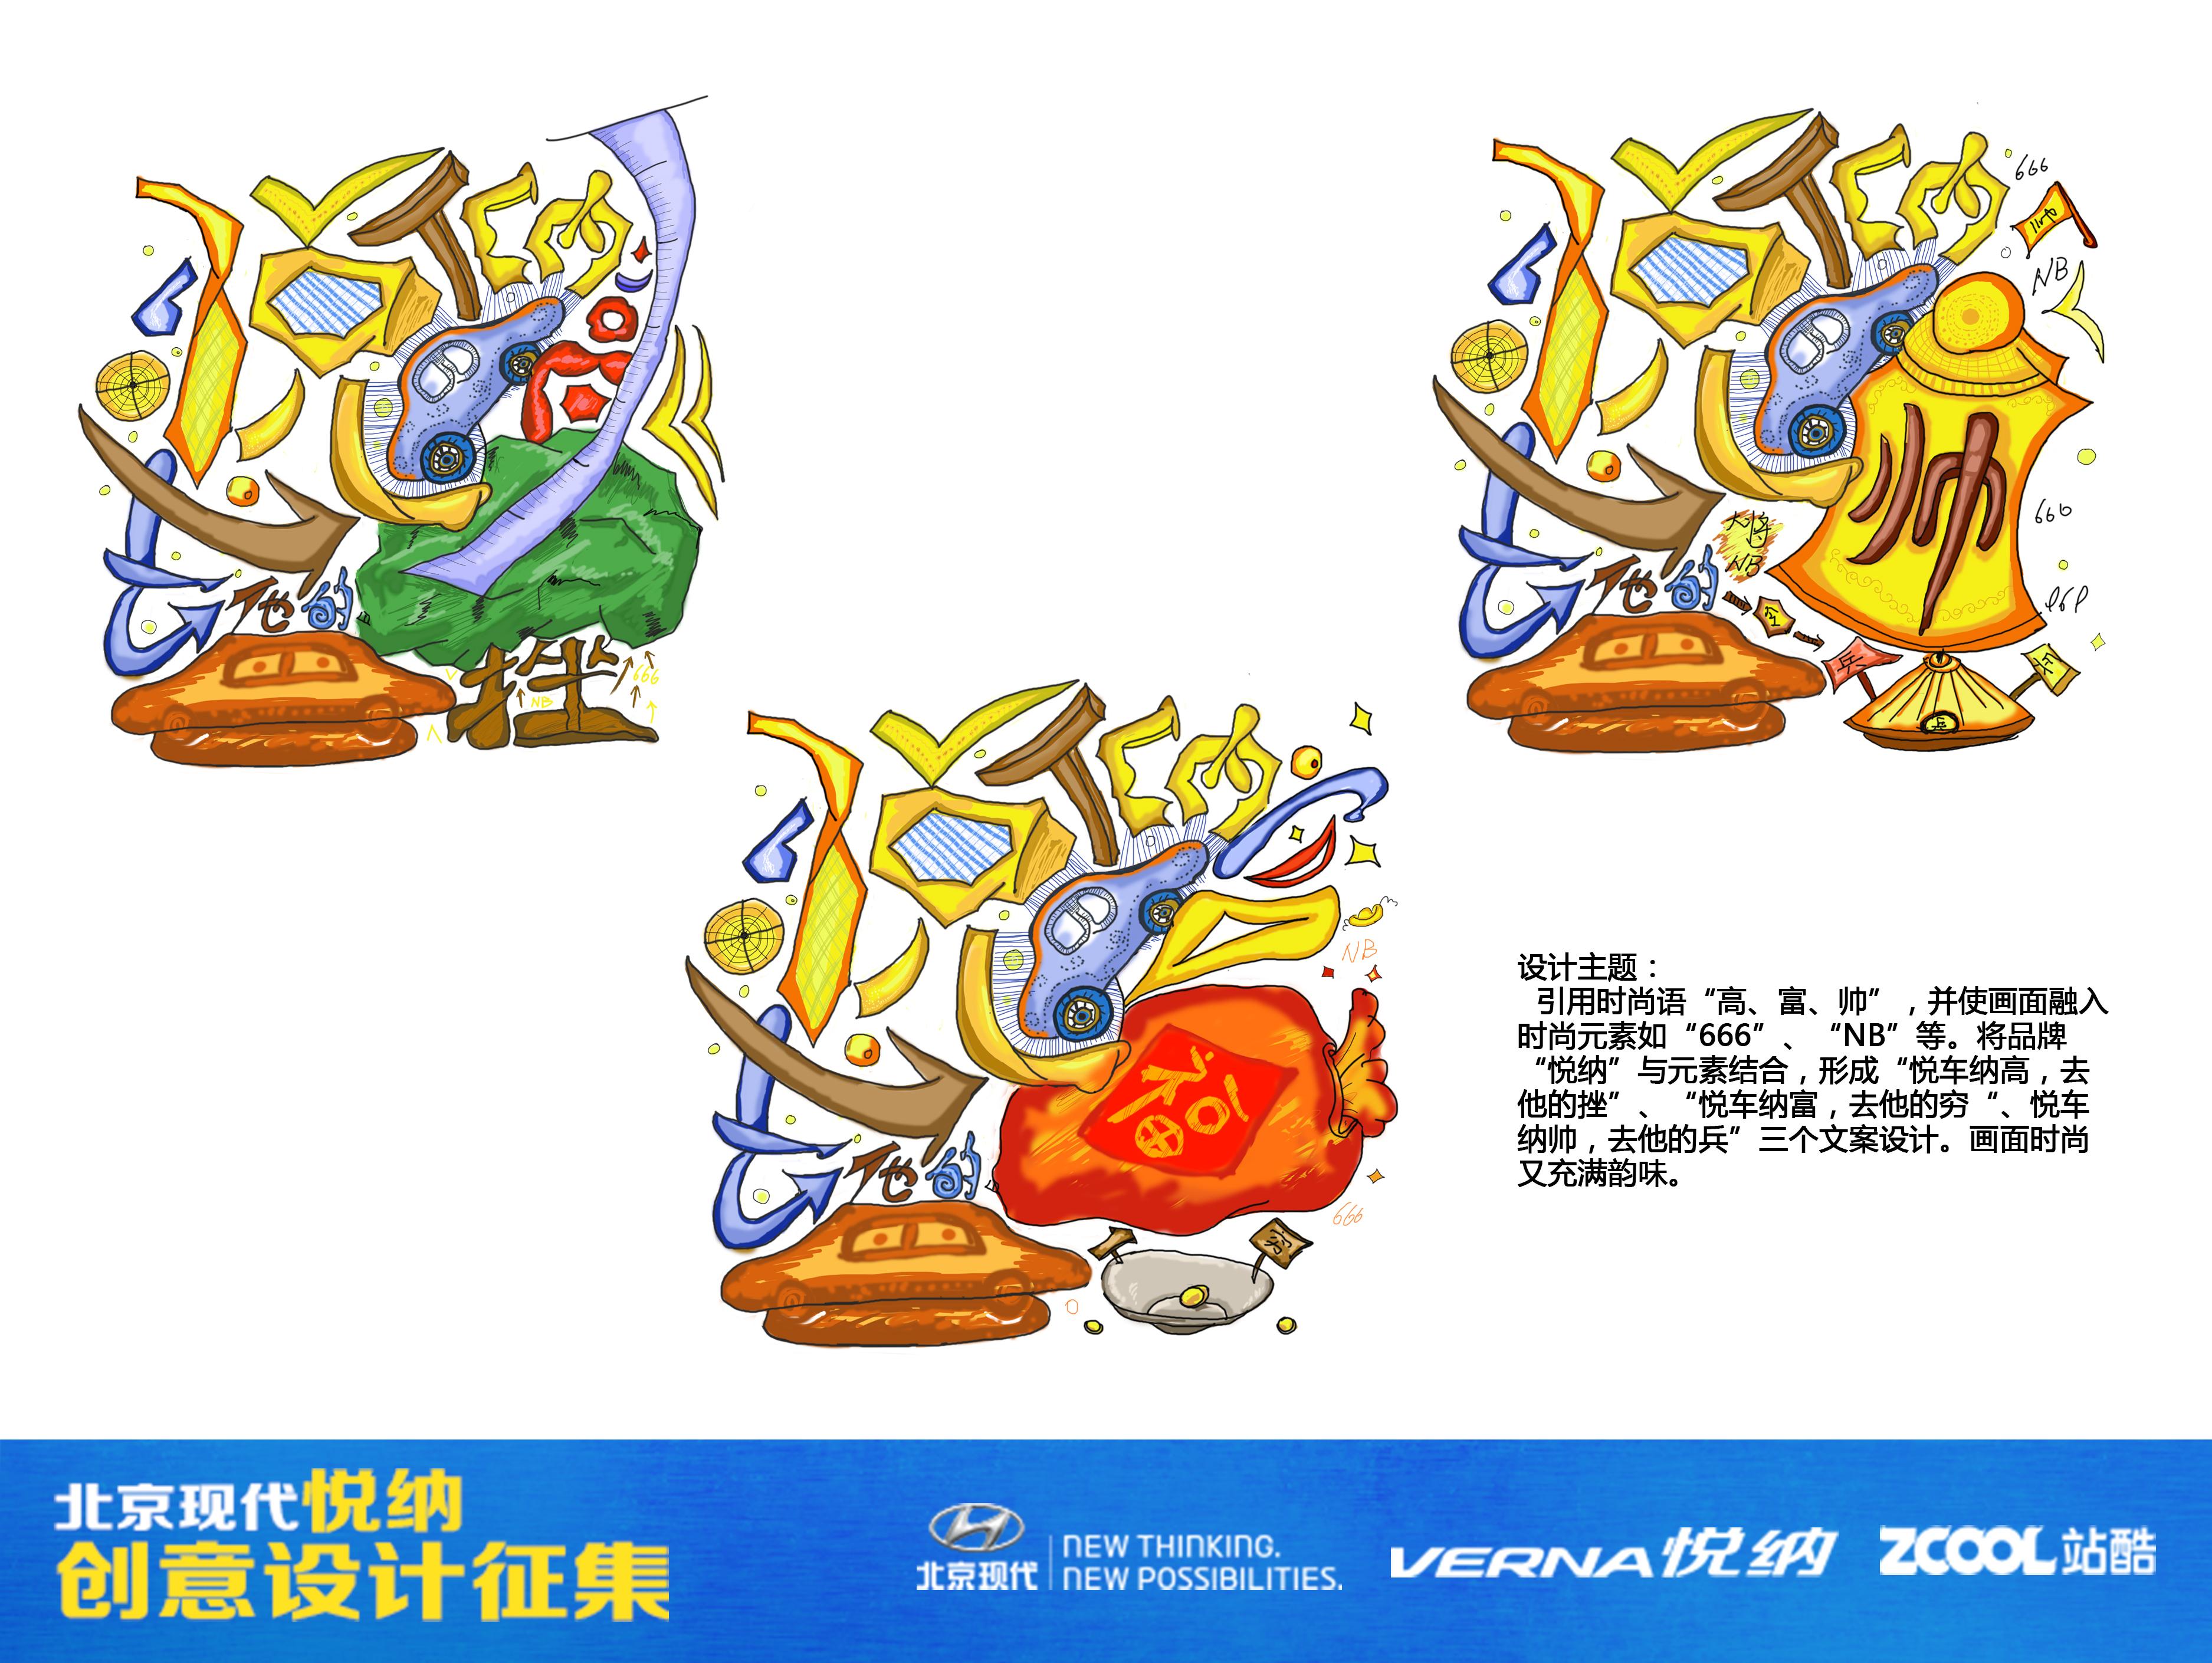 动漫 卡通 漫画 设计 矢量 矢量图 素材 头像 3750_2820